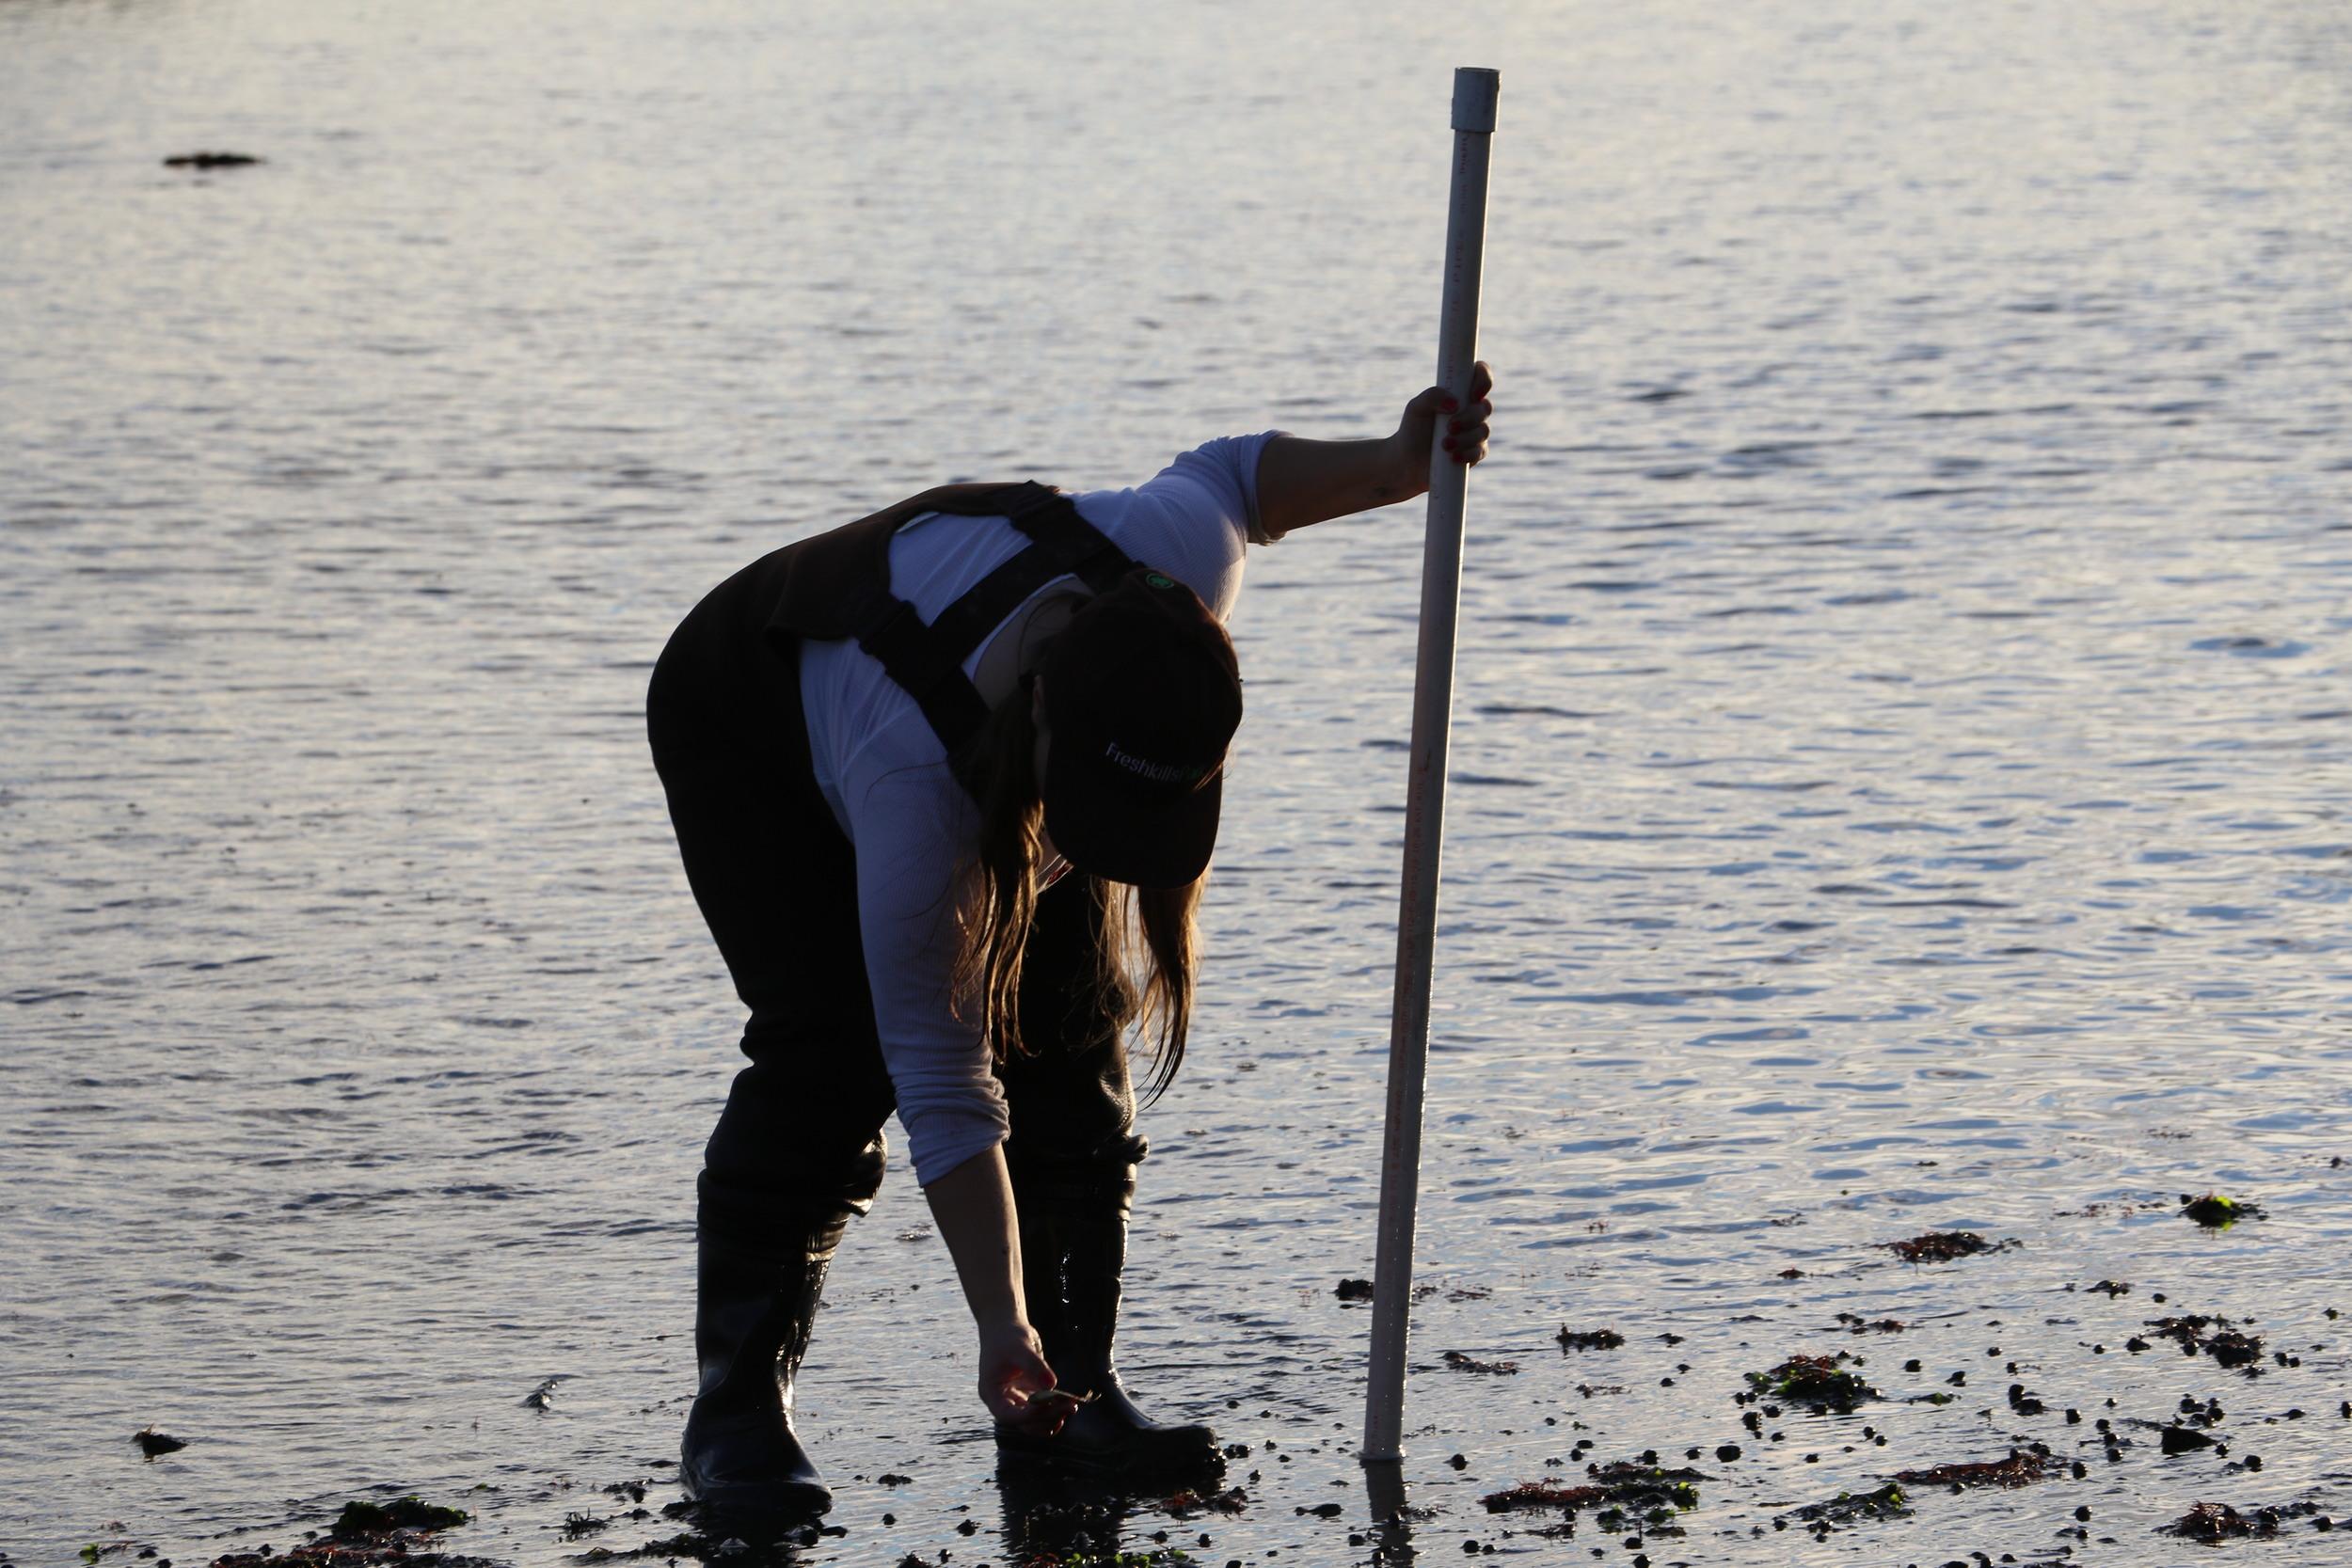 Examining the Shore, Photo Credit: Liz Summit, 2015